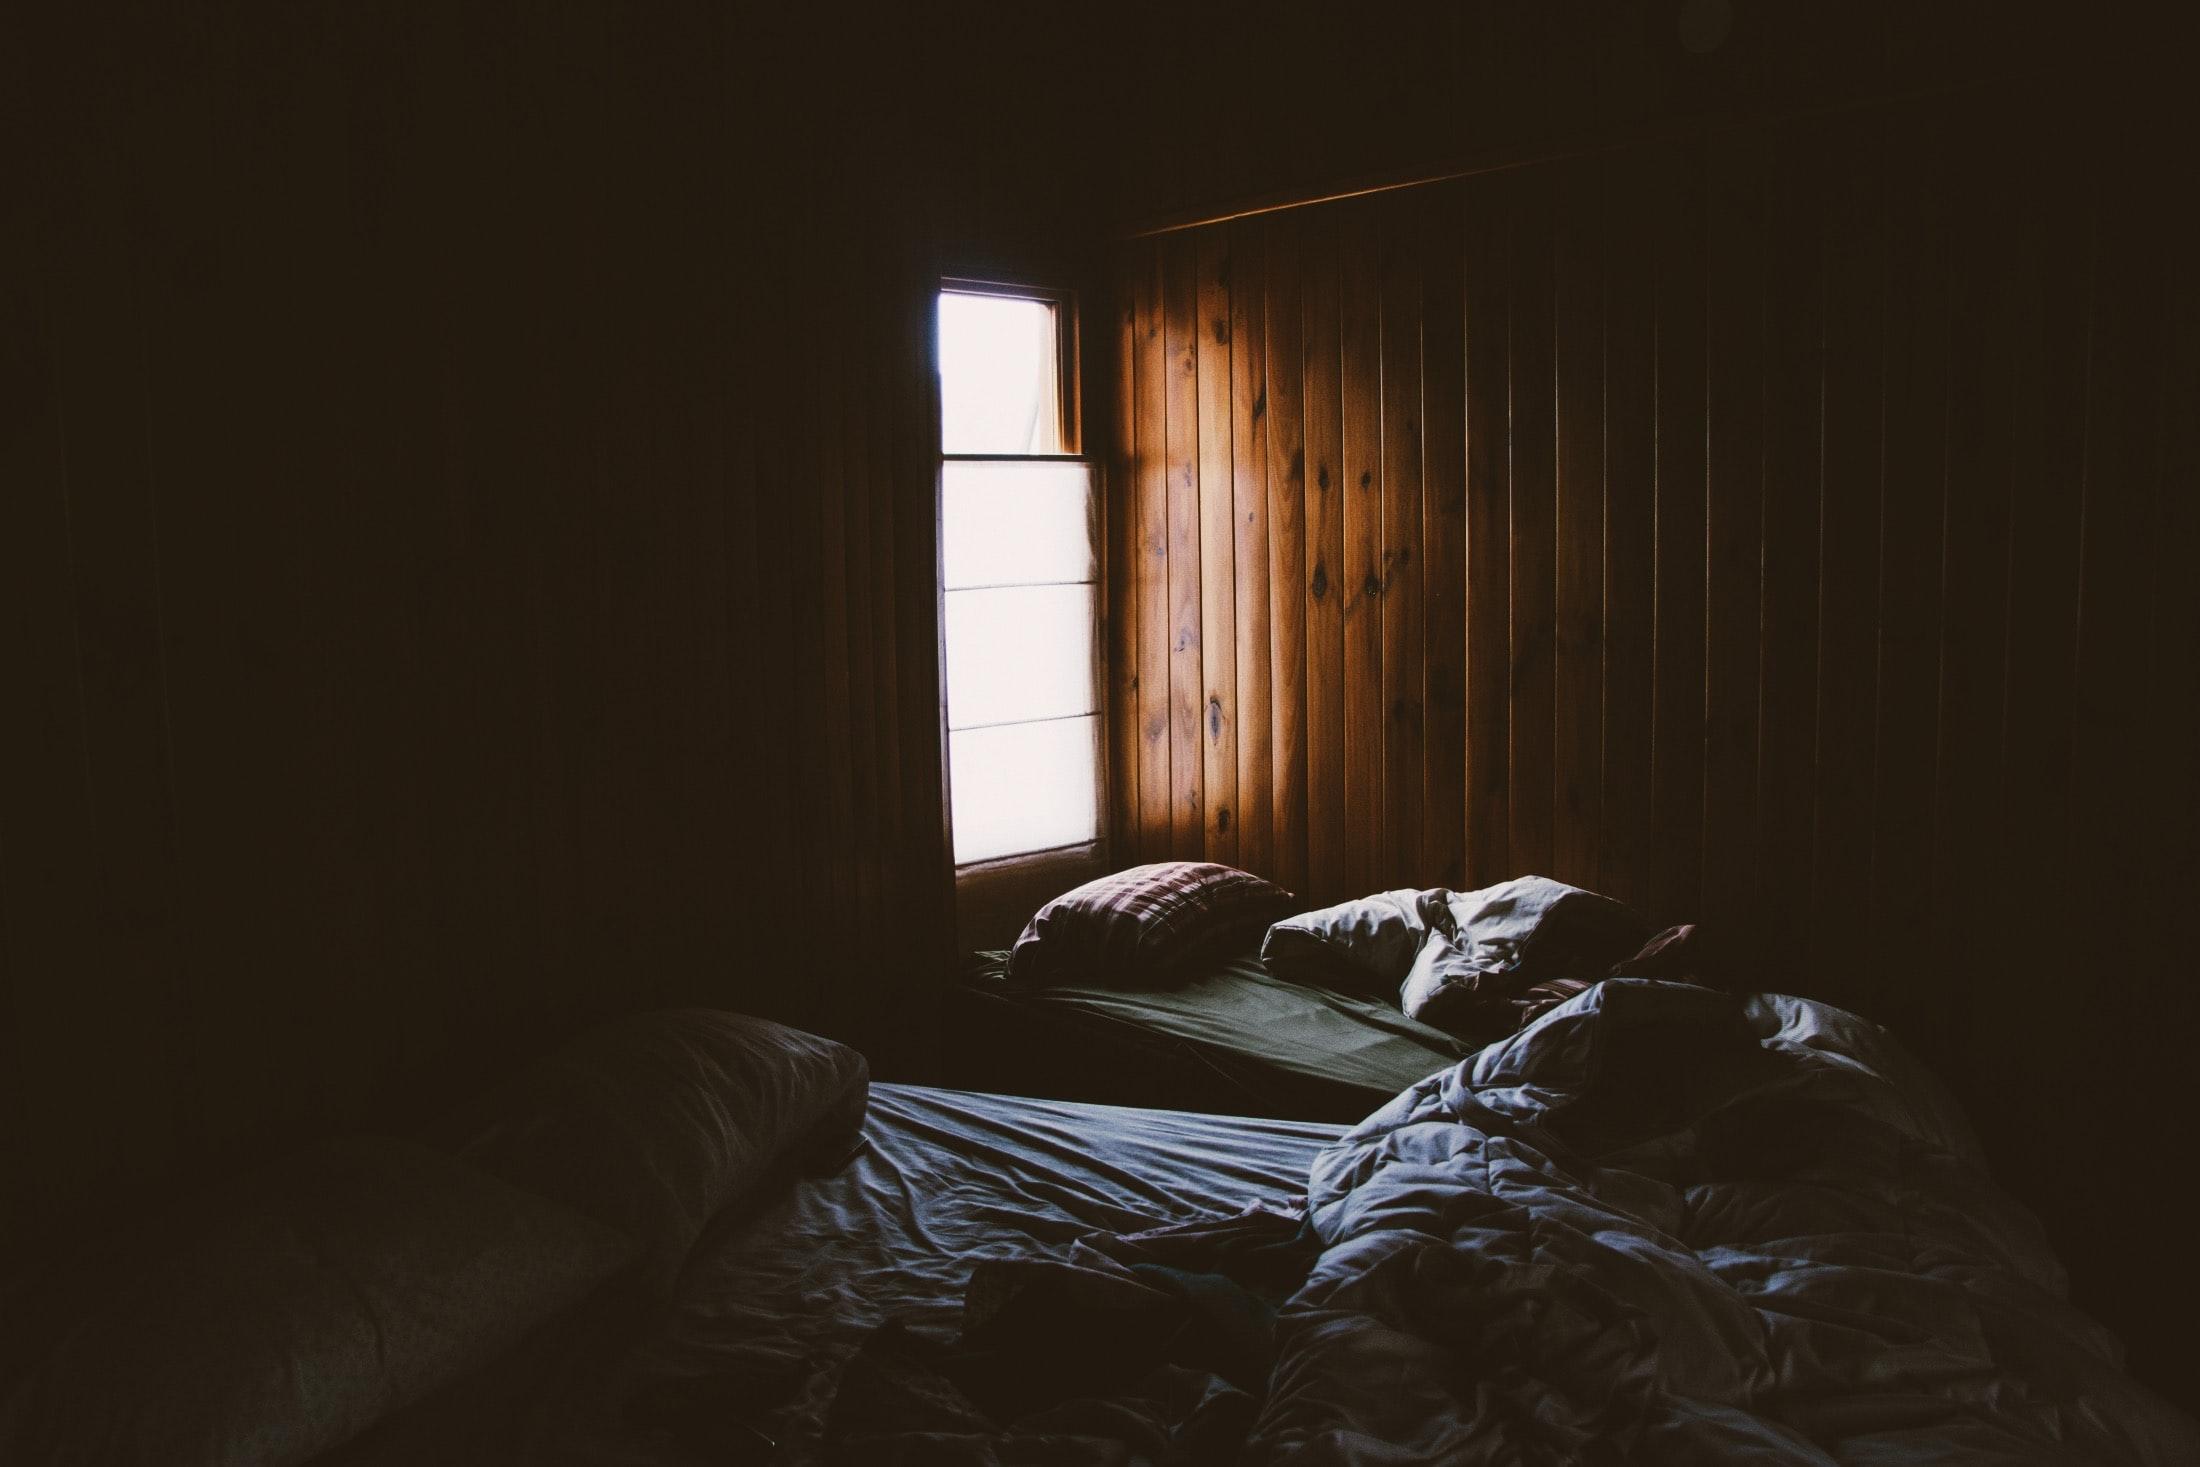 Chambre avec murs en bois